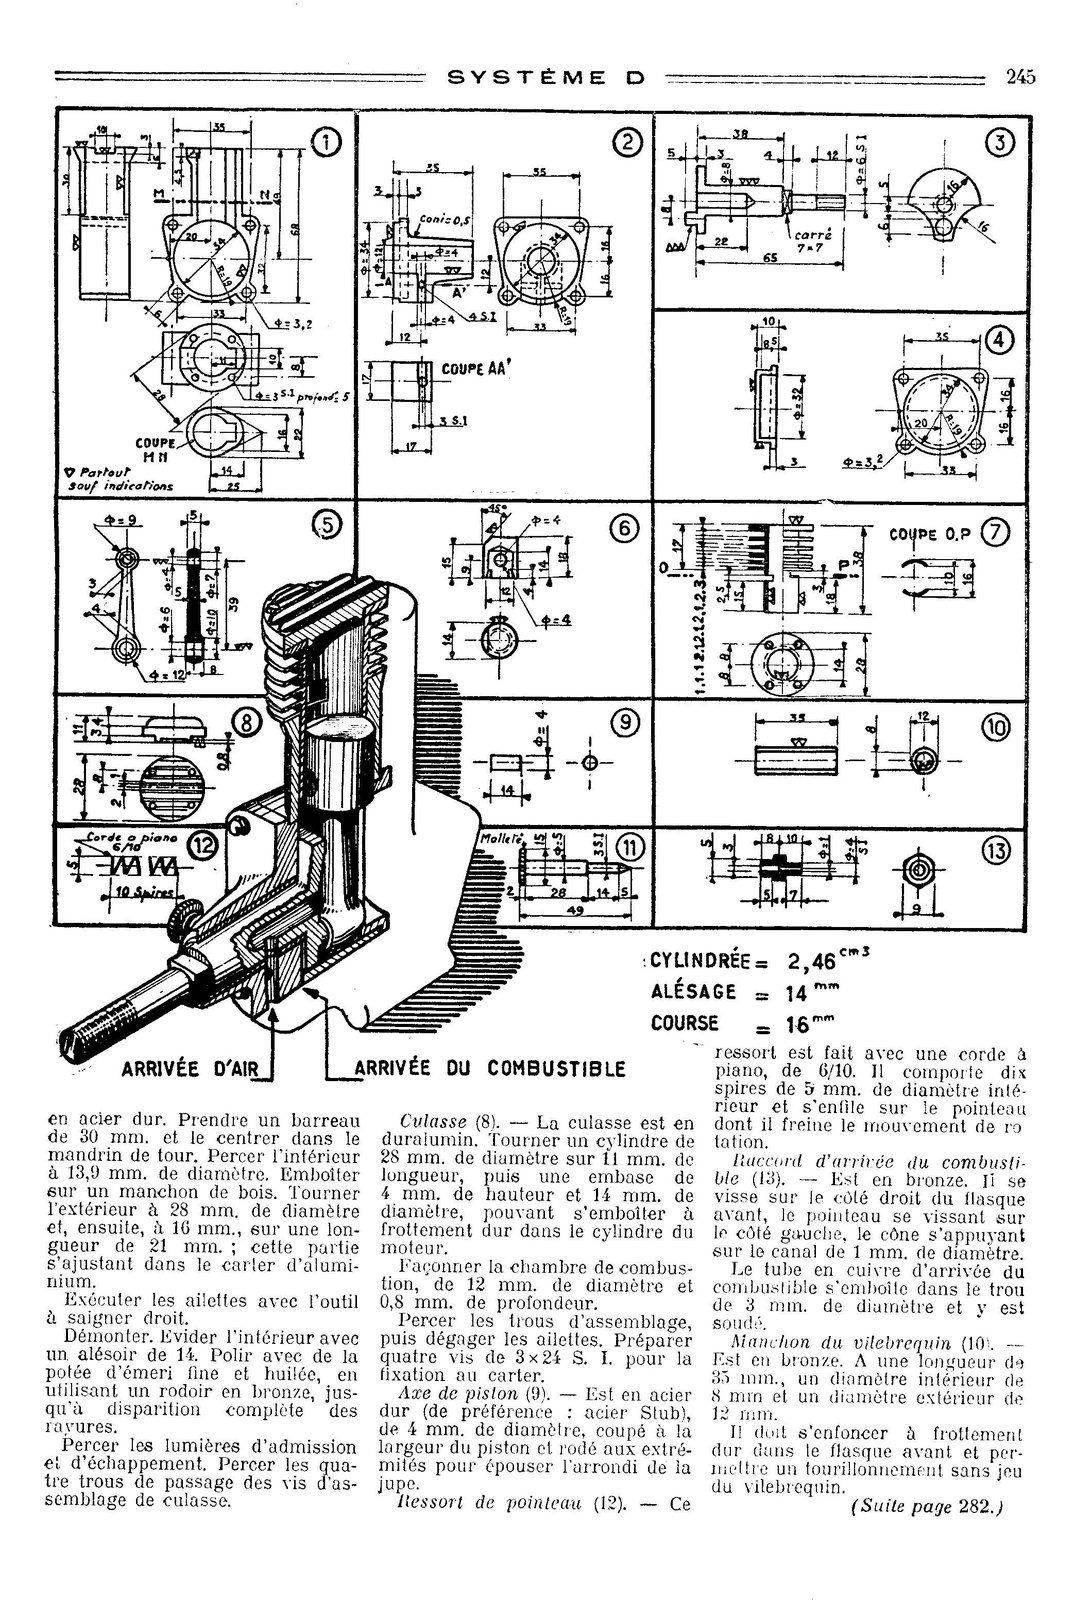 Moteur Diesel 2,46cm3  P2.jpg